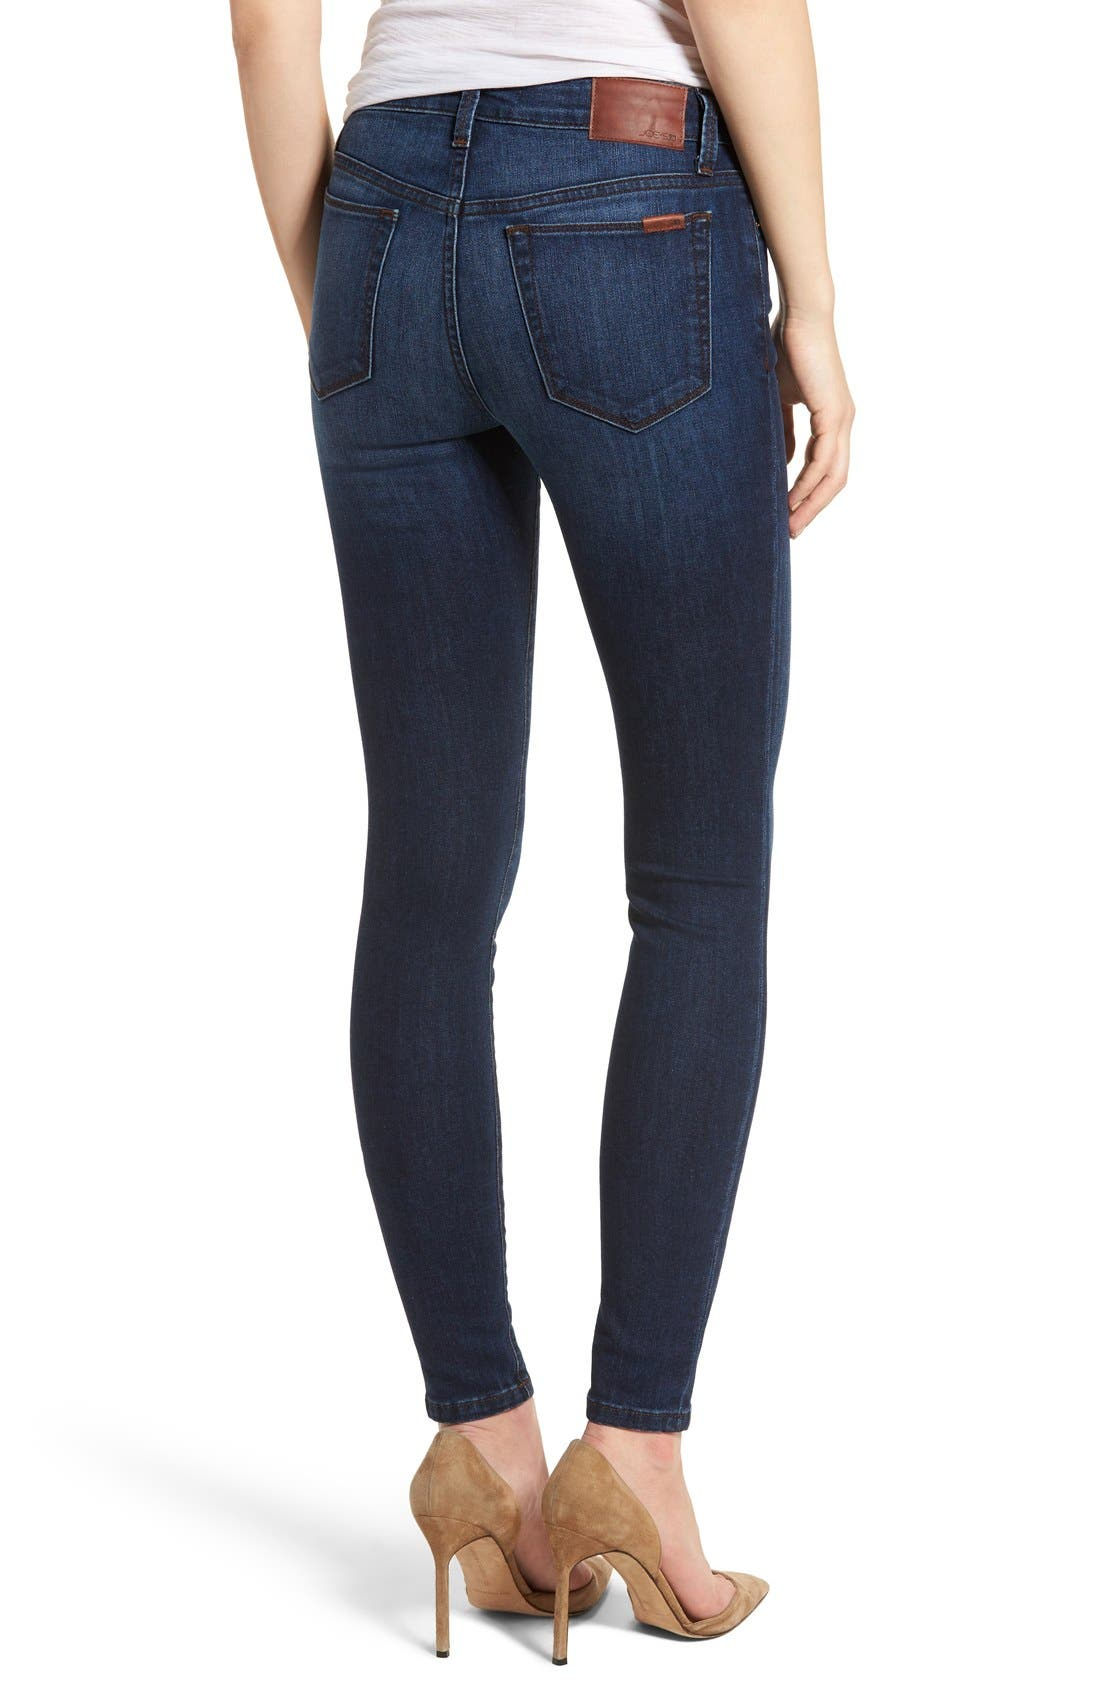 Honey Skinny Jeans,                             Alternate thumbnail 6, color,                             410